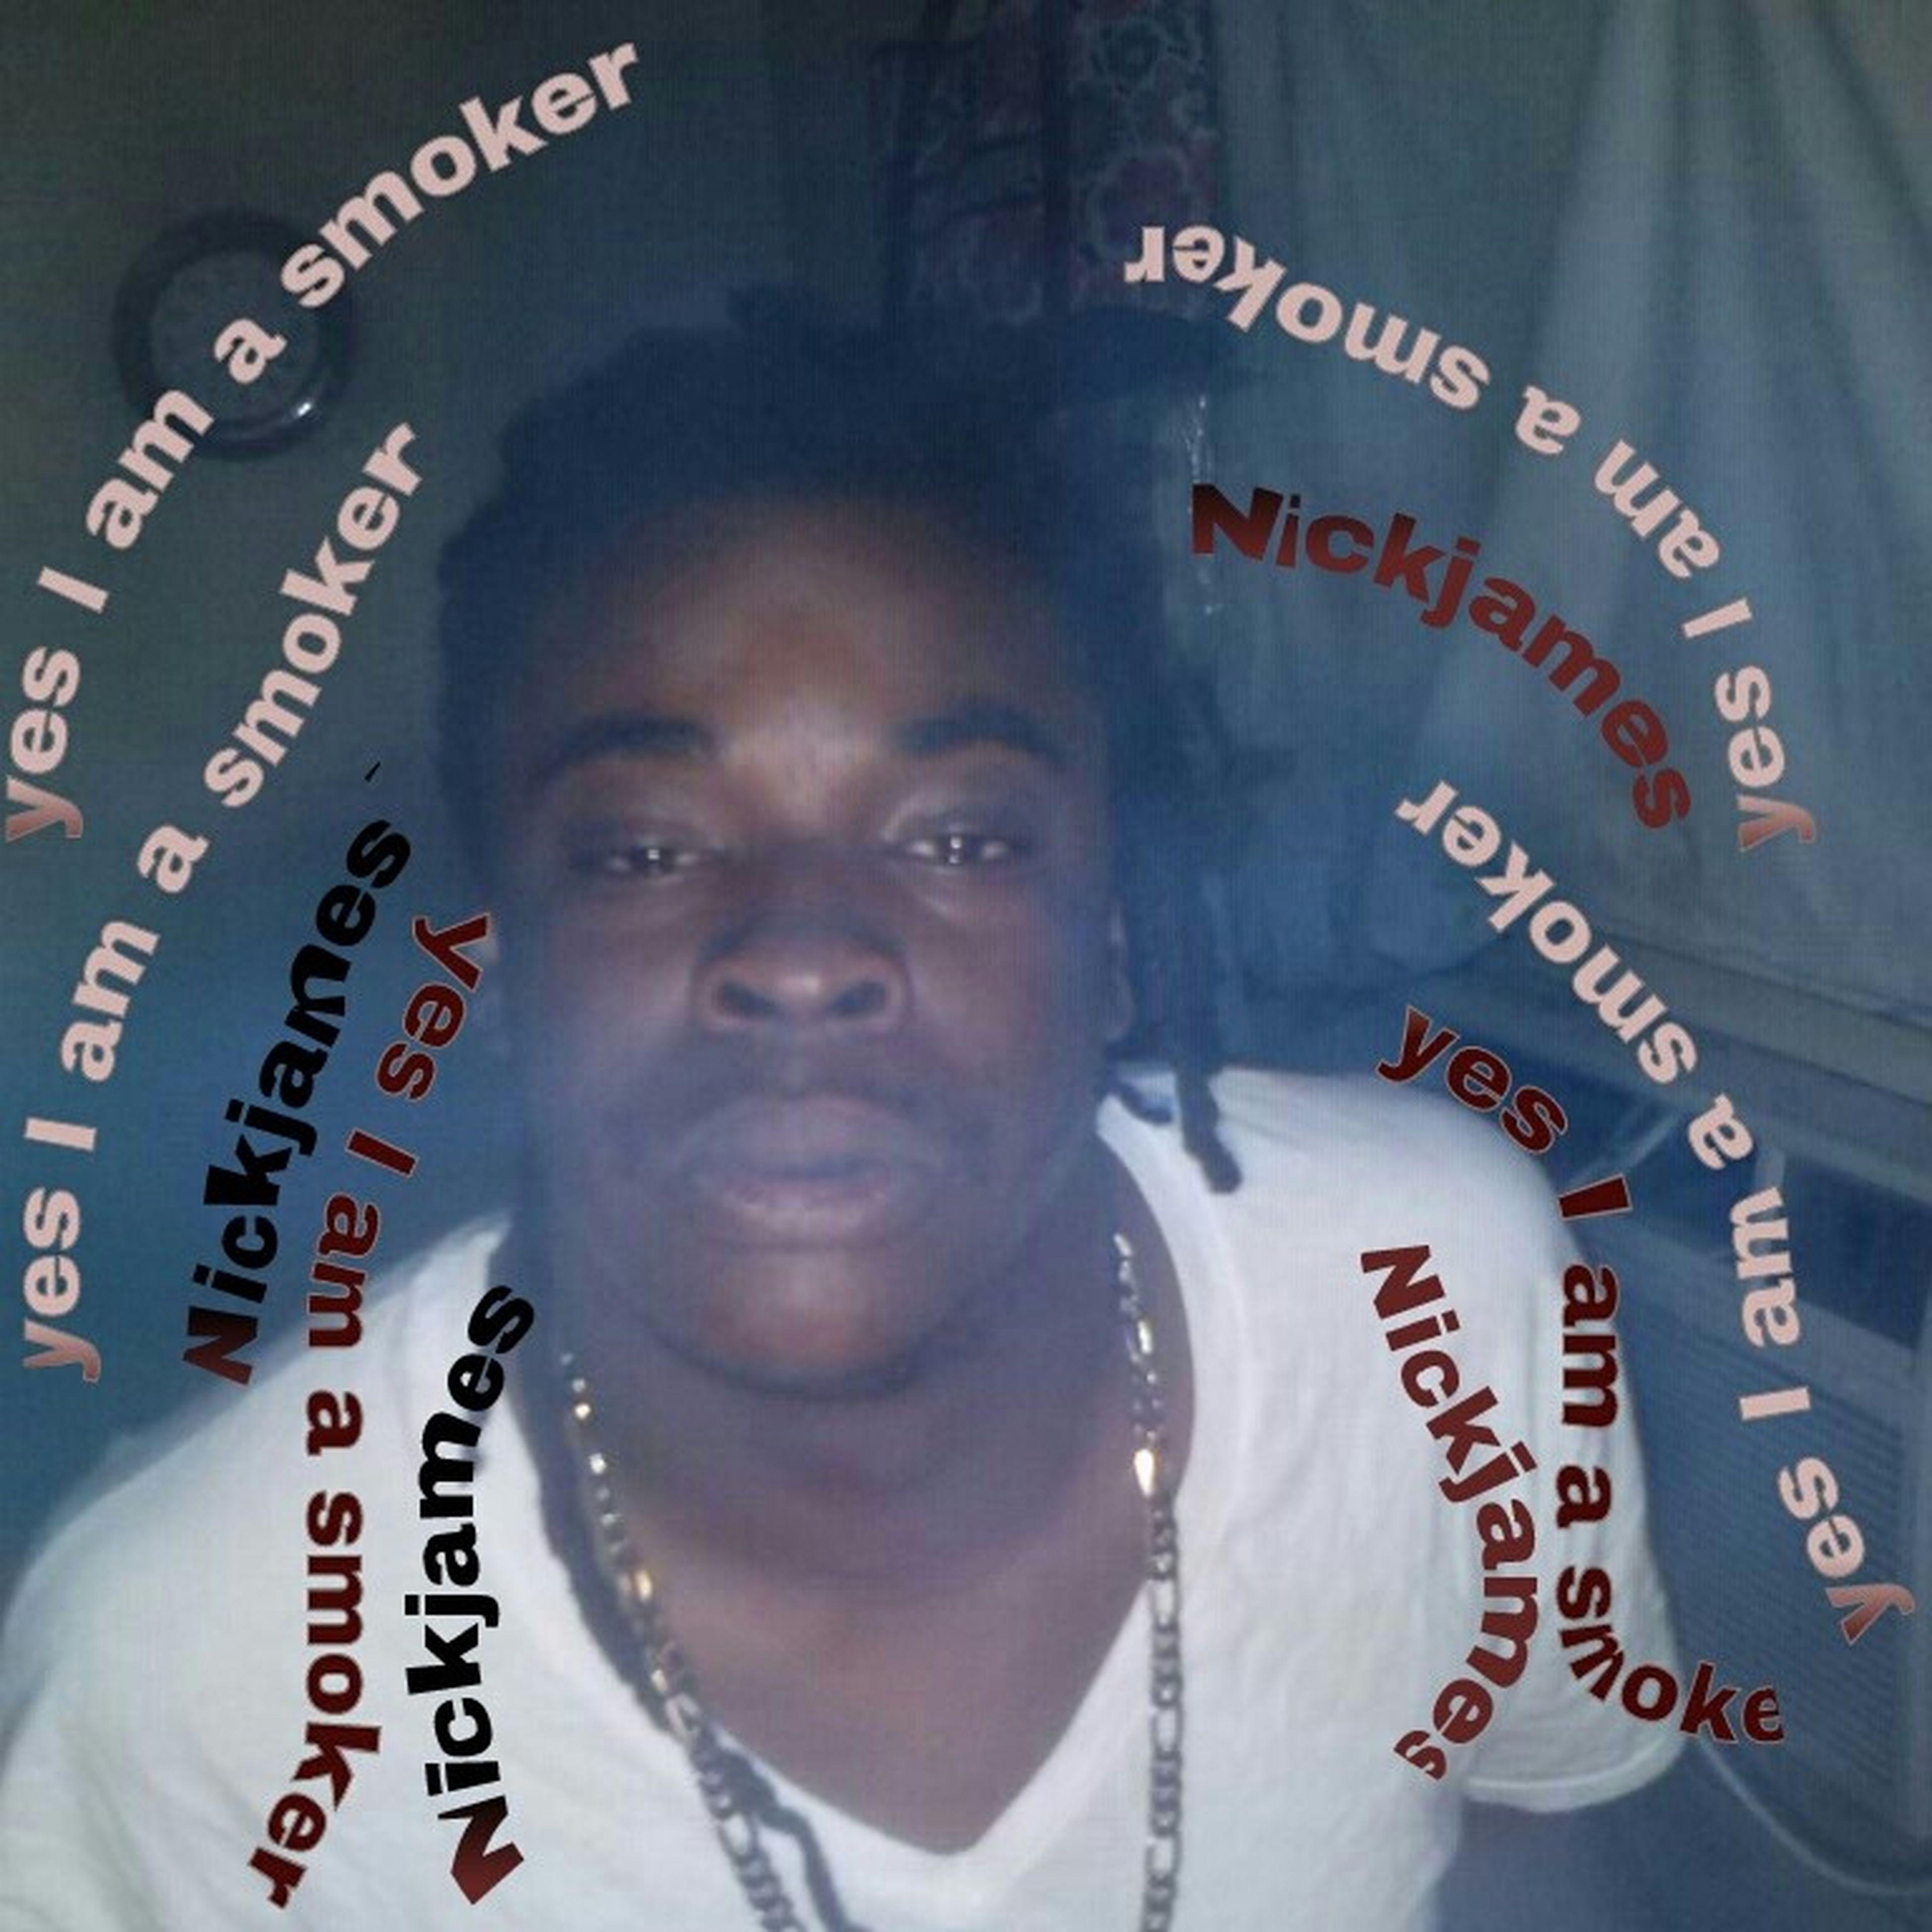 Yse I Am A Smoker